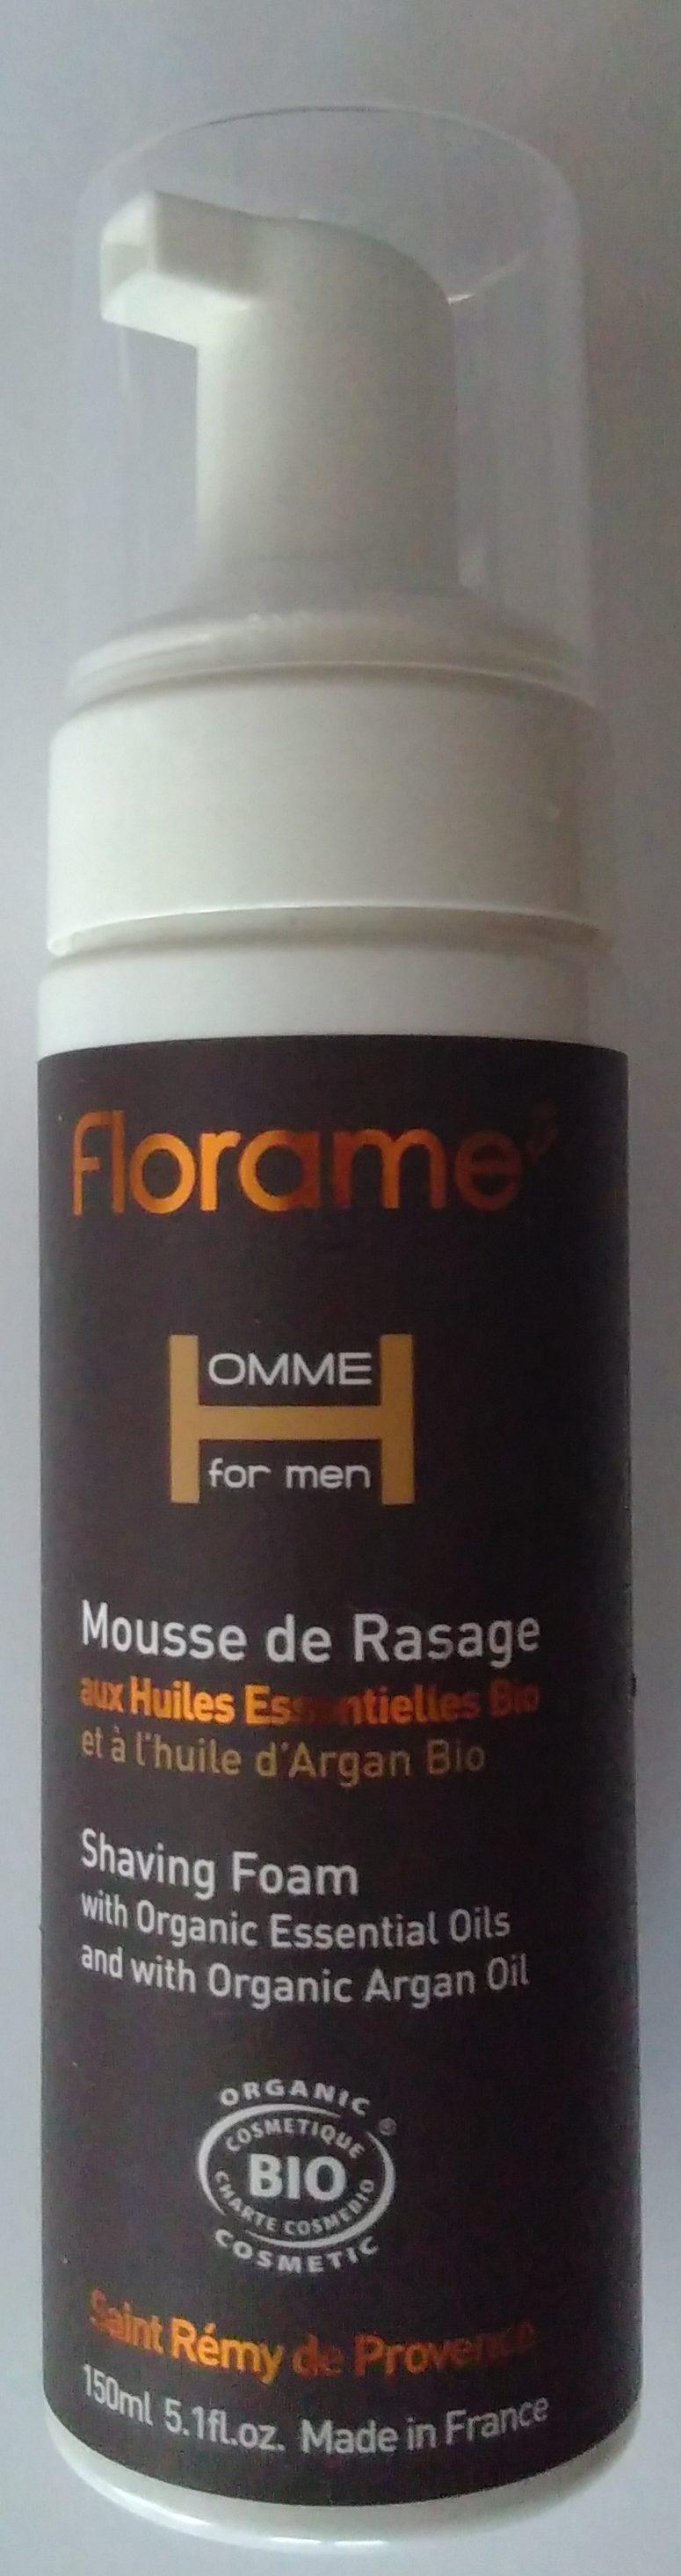 Mousse de rasage aux huiles essentielles bio et à l'huile d'argan bio - Produit